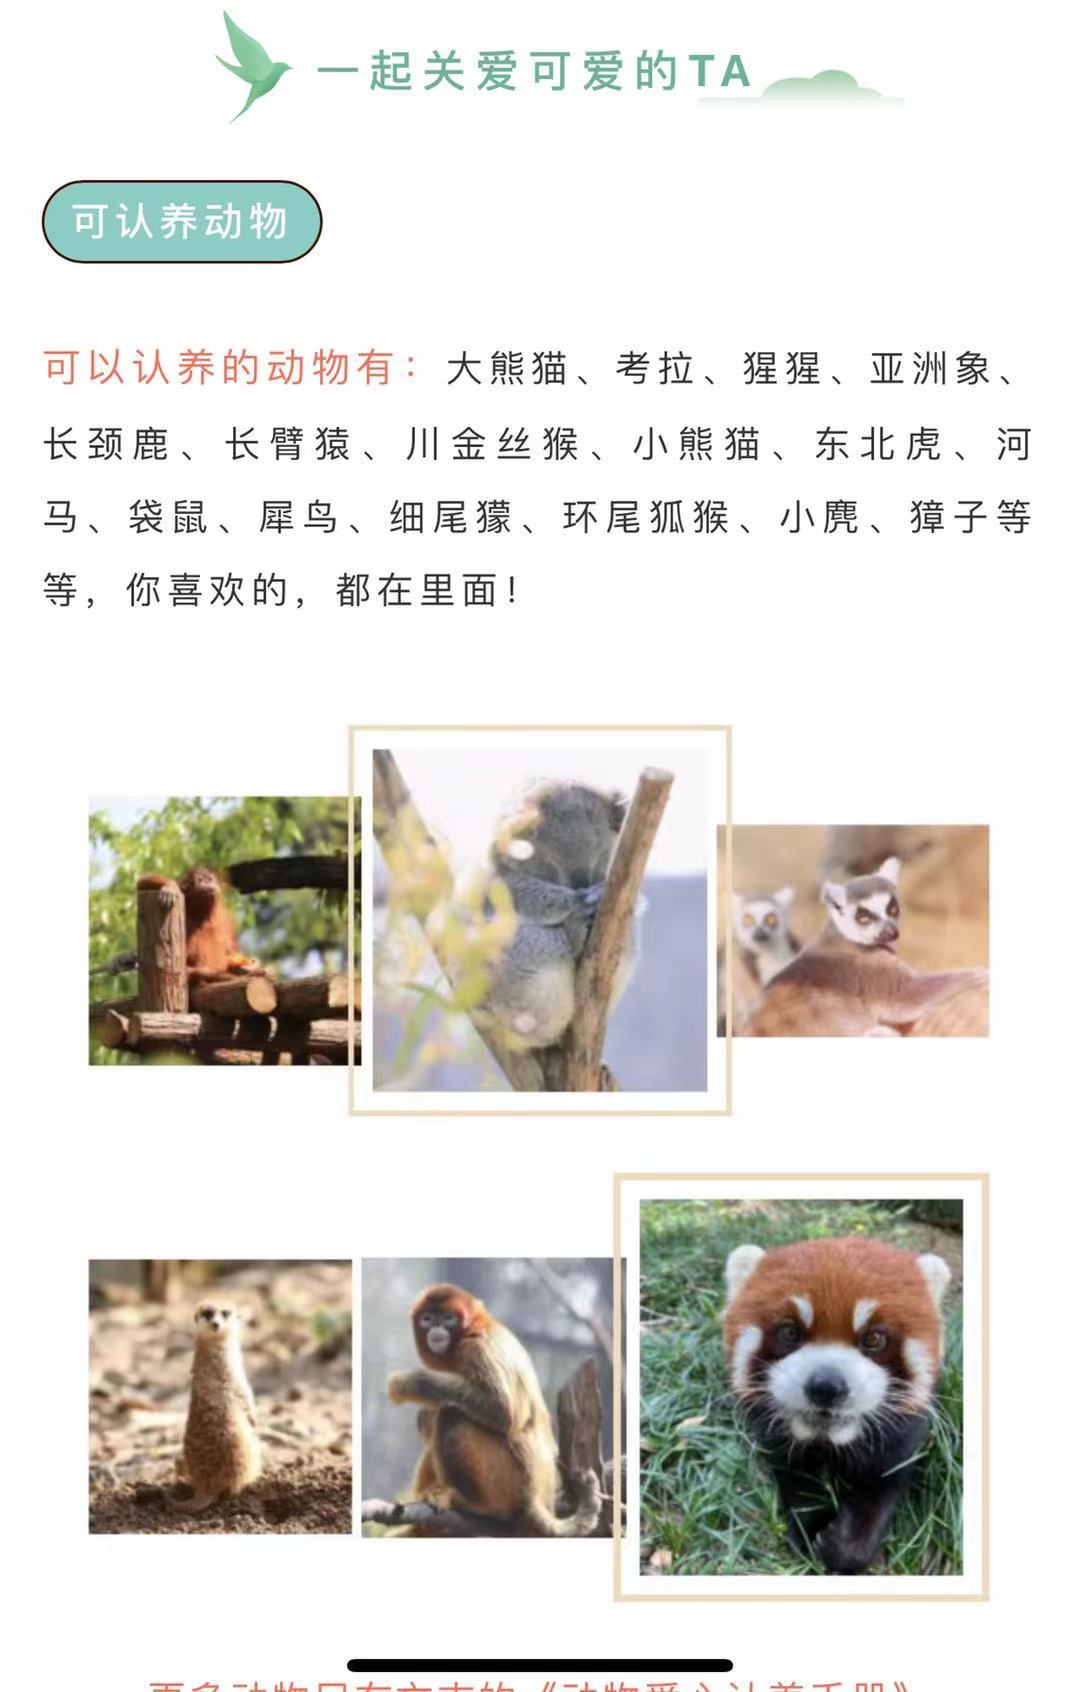 """动物爱心认养活动,可以在""""南京红山森林动物园""""微信公众号内认领。南京红山森林动物园 图"""